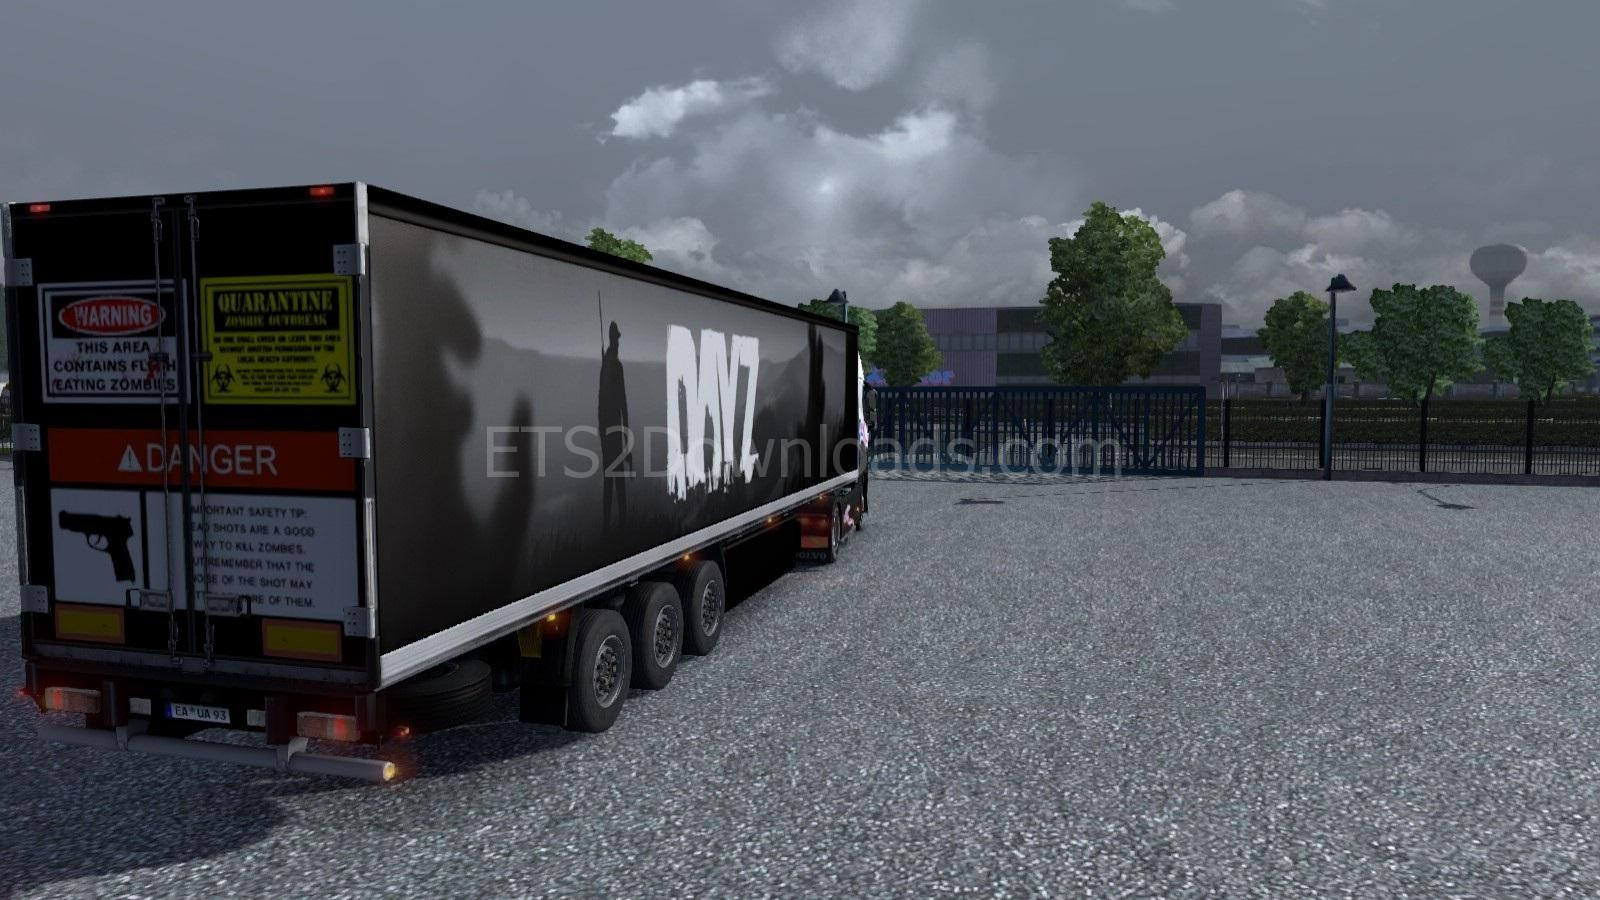 dayz-trailer-ets2